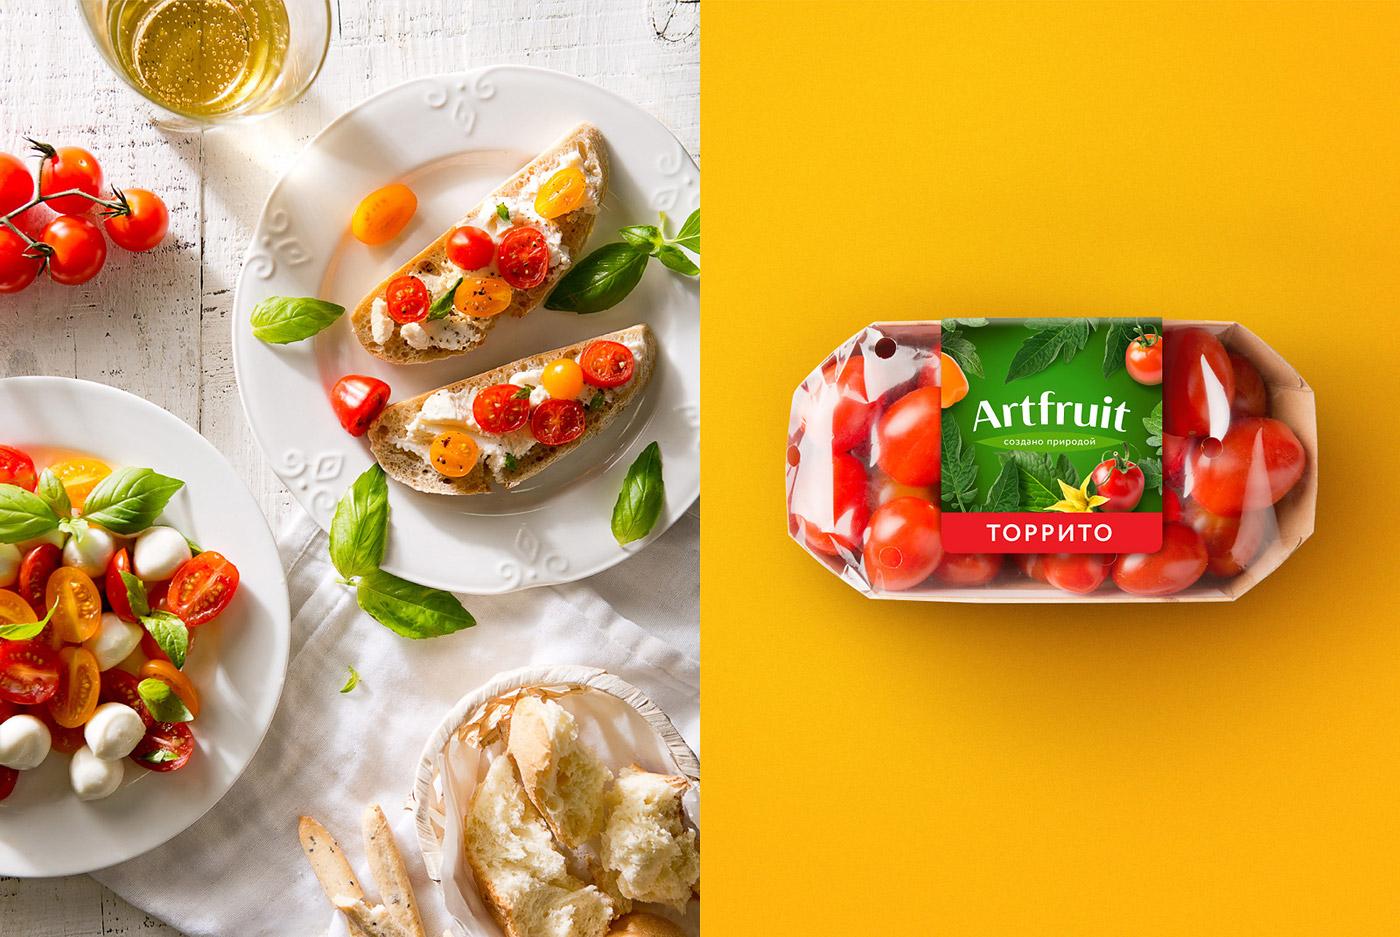 Фудстайлинг и дизайн упаковки Artfruit